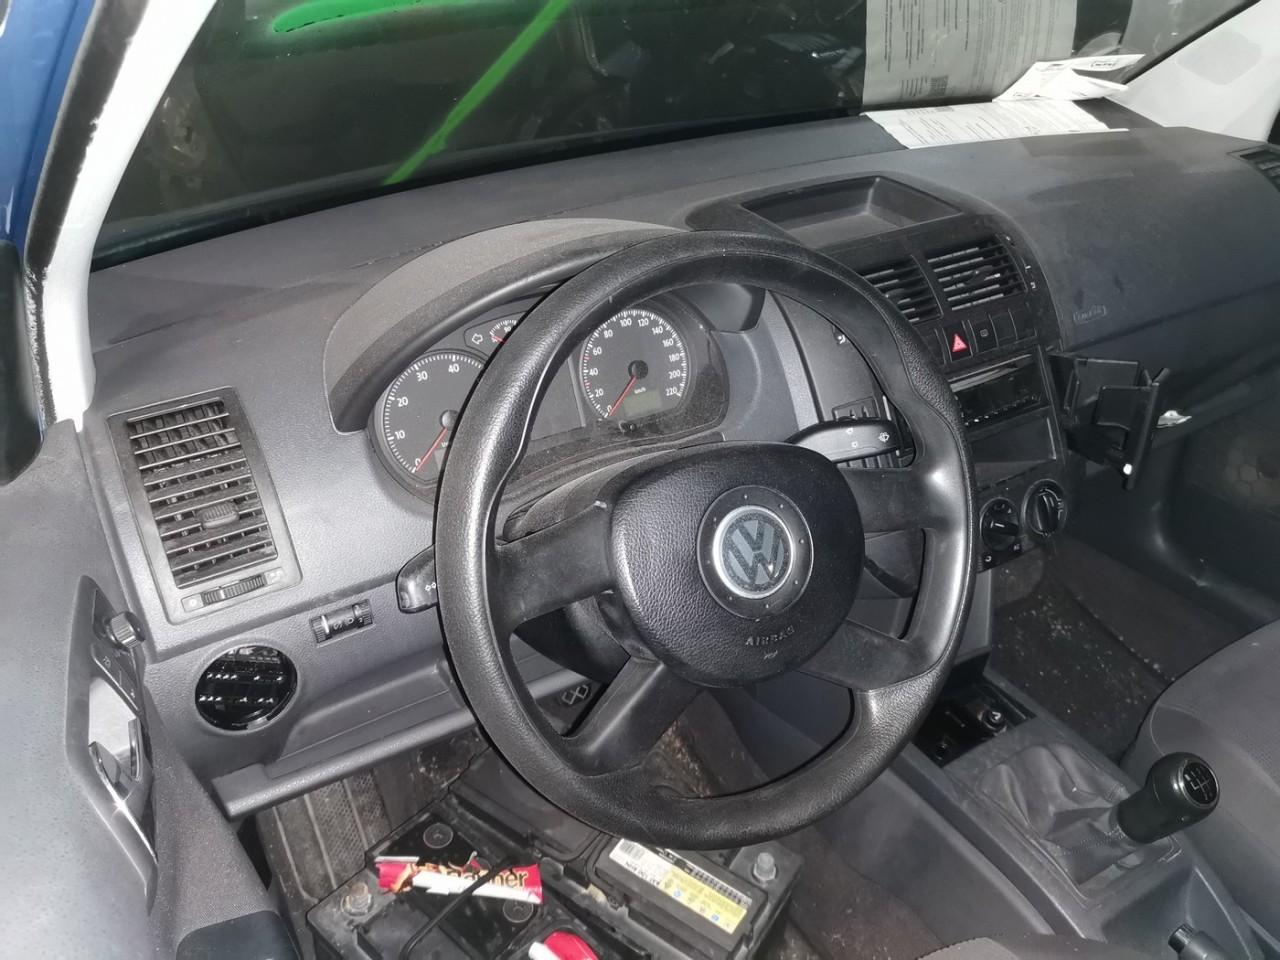 Volkswagen Polo 9N facelift 1.4 16v tip BKY